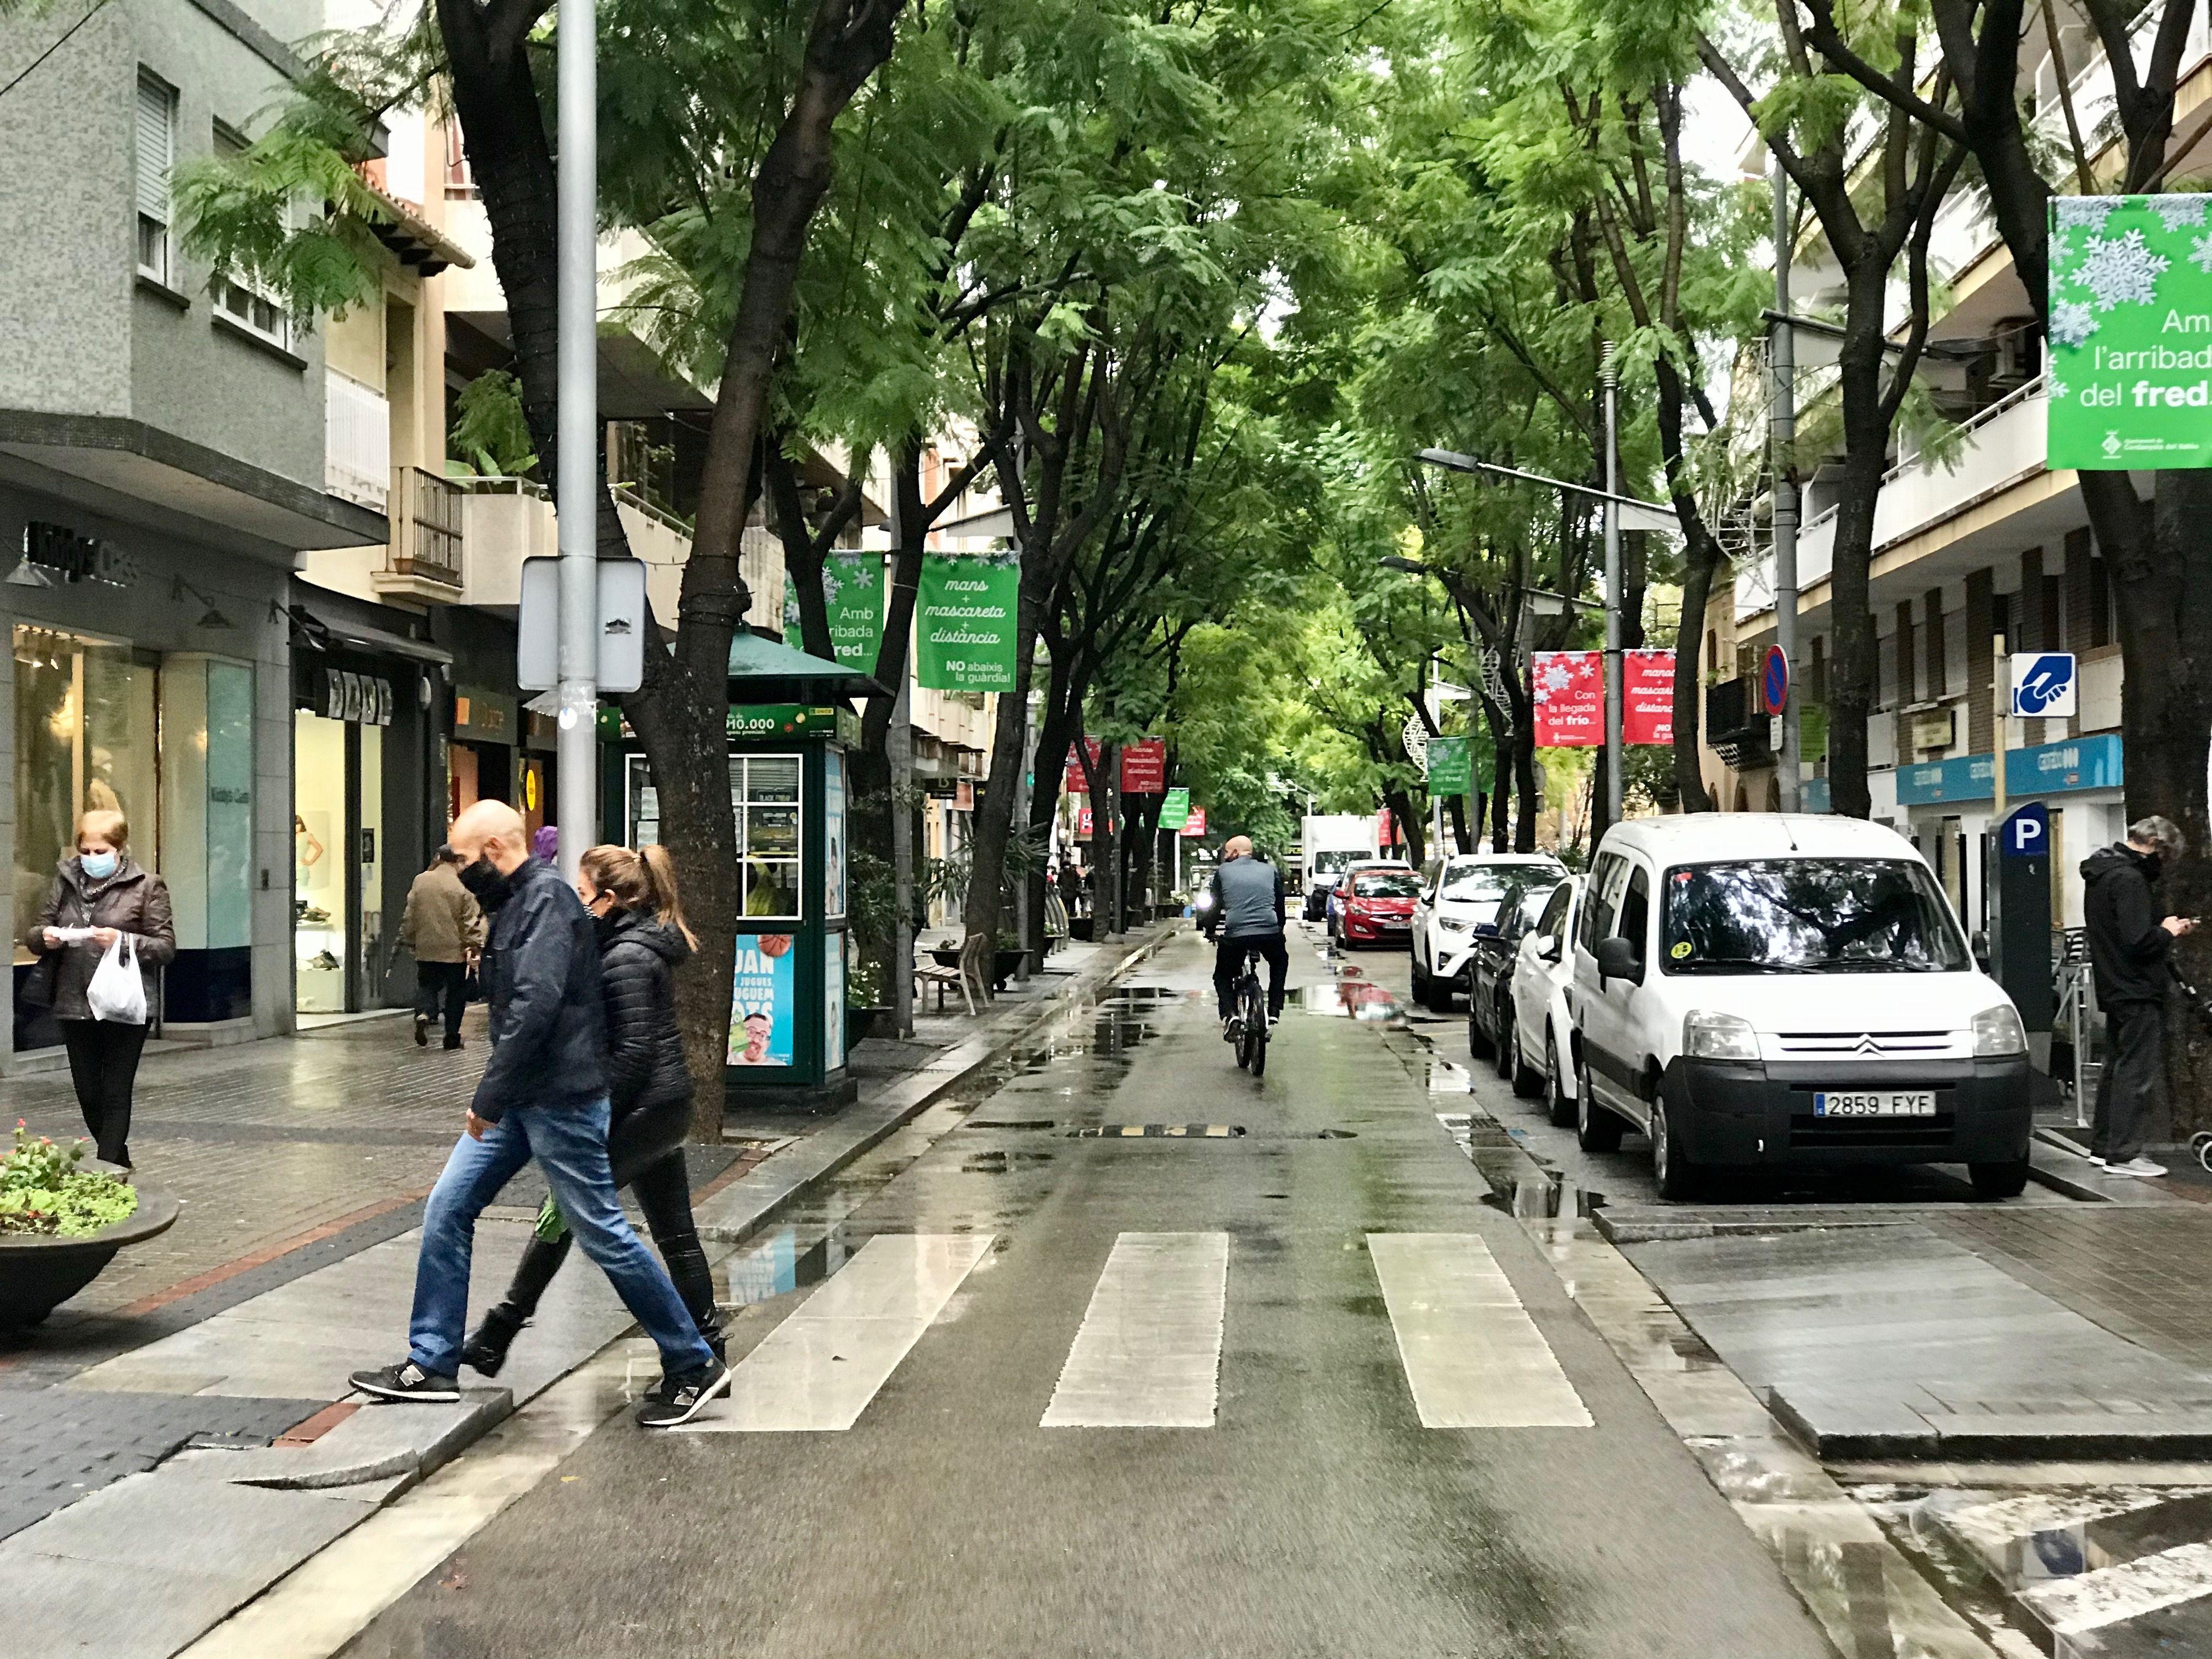 La detenció es va fer a l'Avinguda Catalunya. FOTO: Arxiu